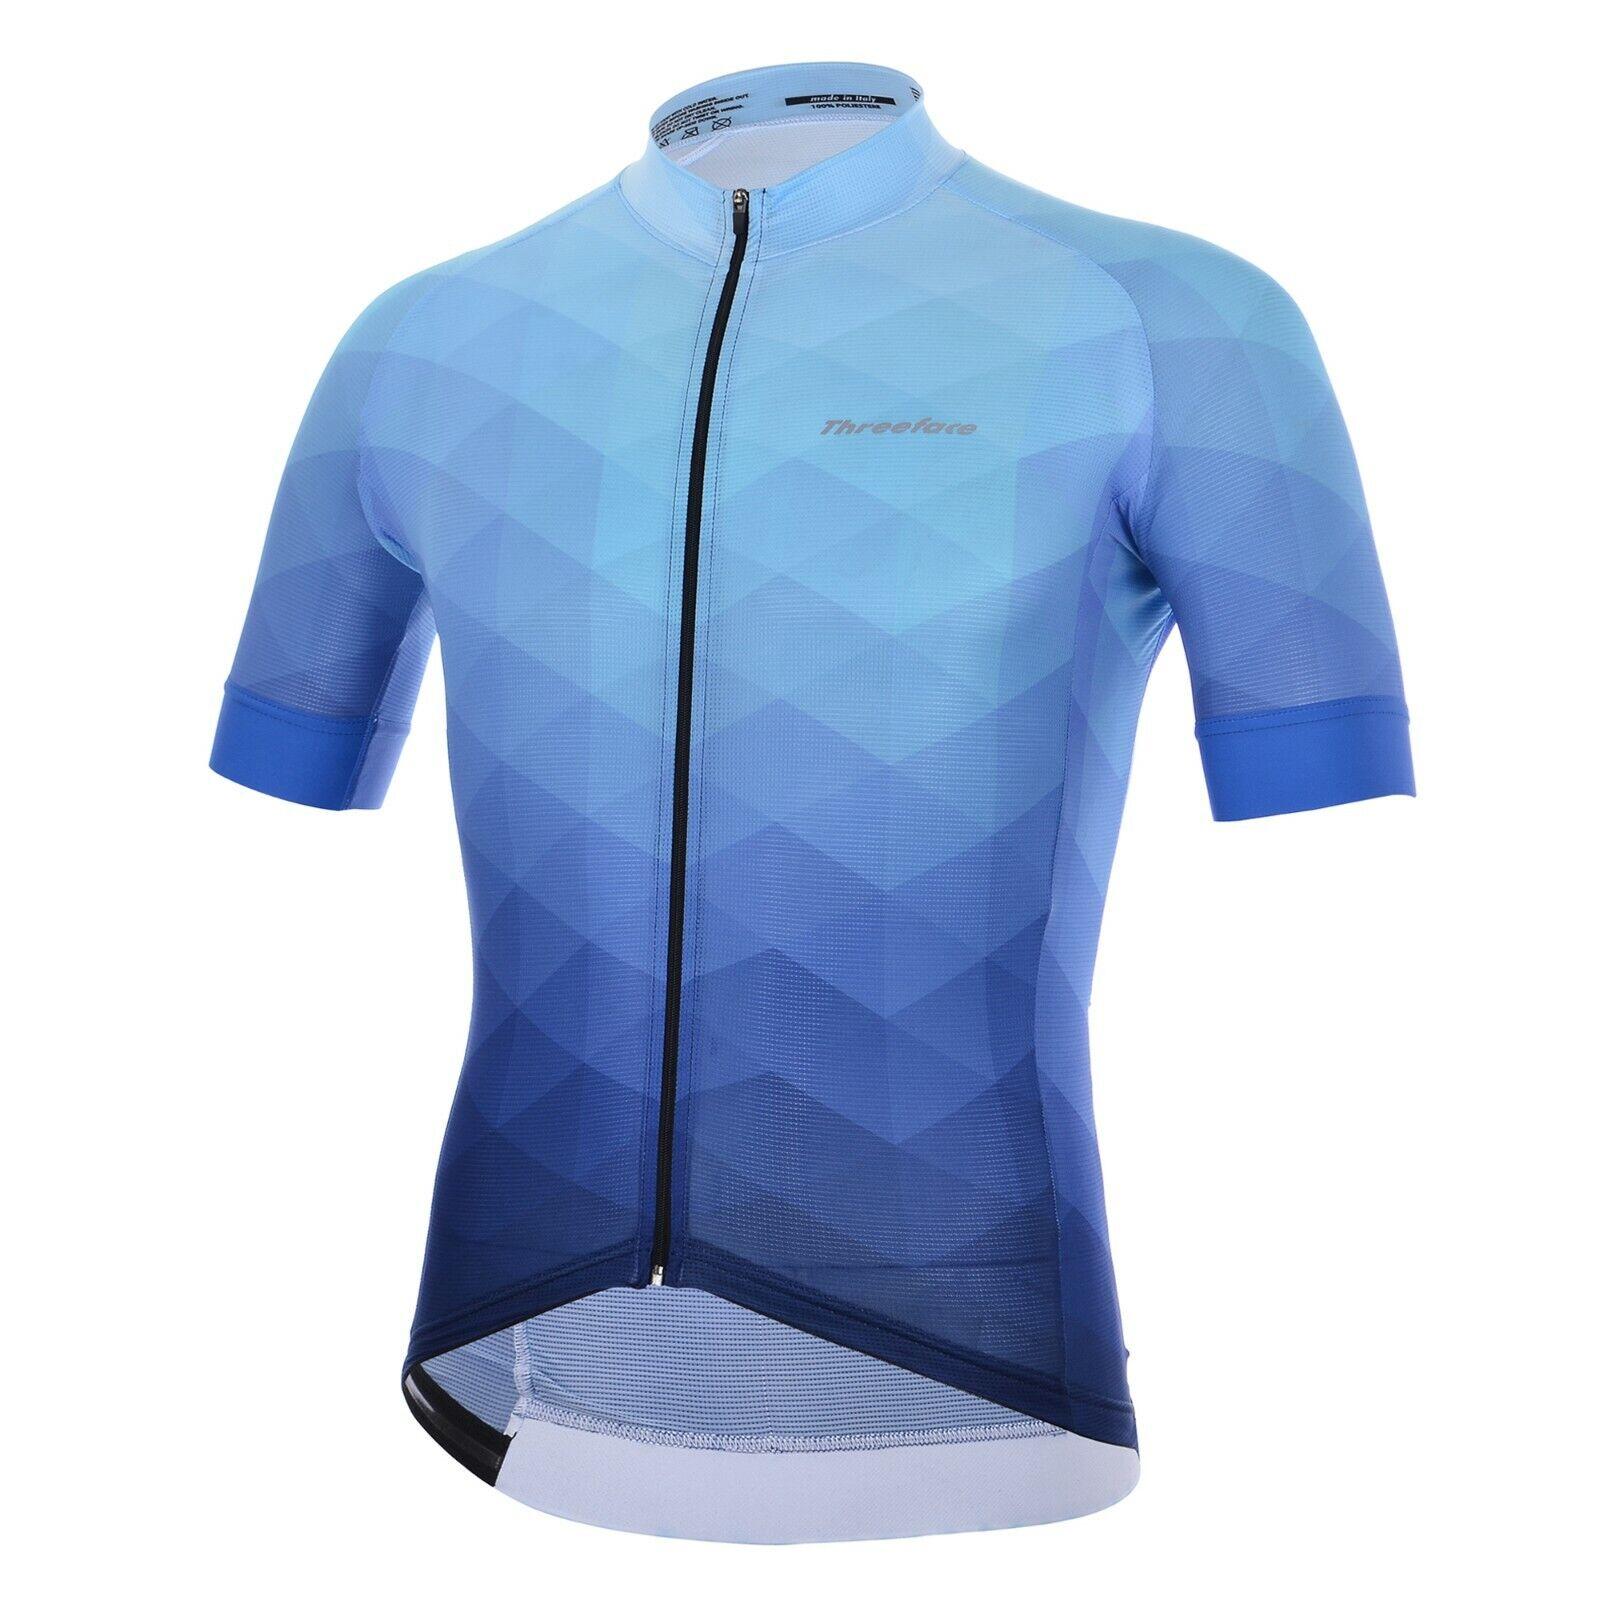 Maglia manica corta ciclismo Sky Climber azzurro blue bici mtb estate leggera